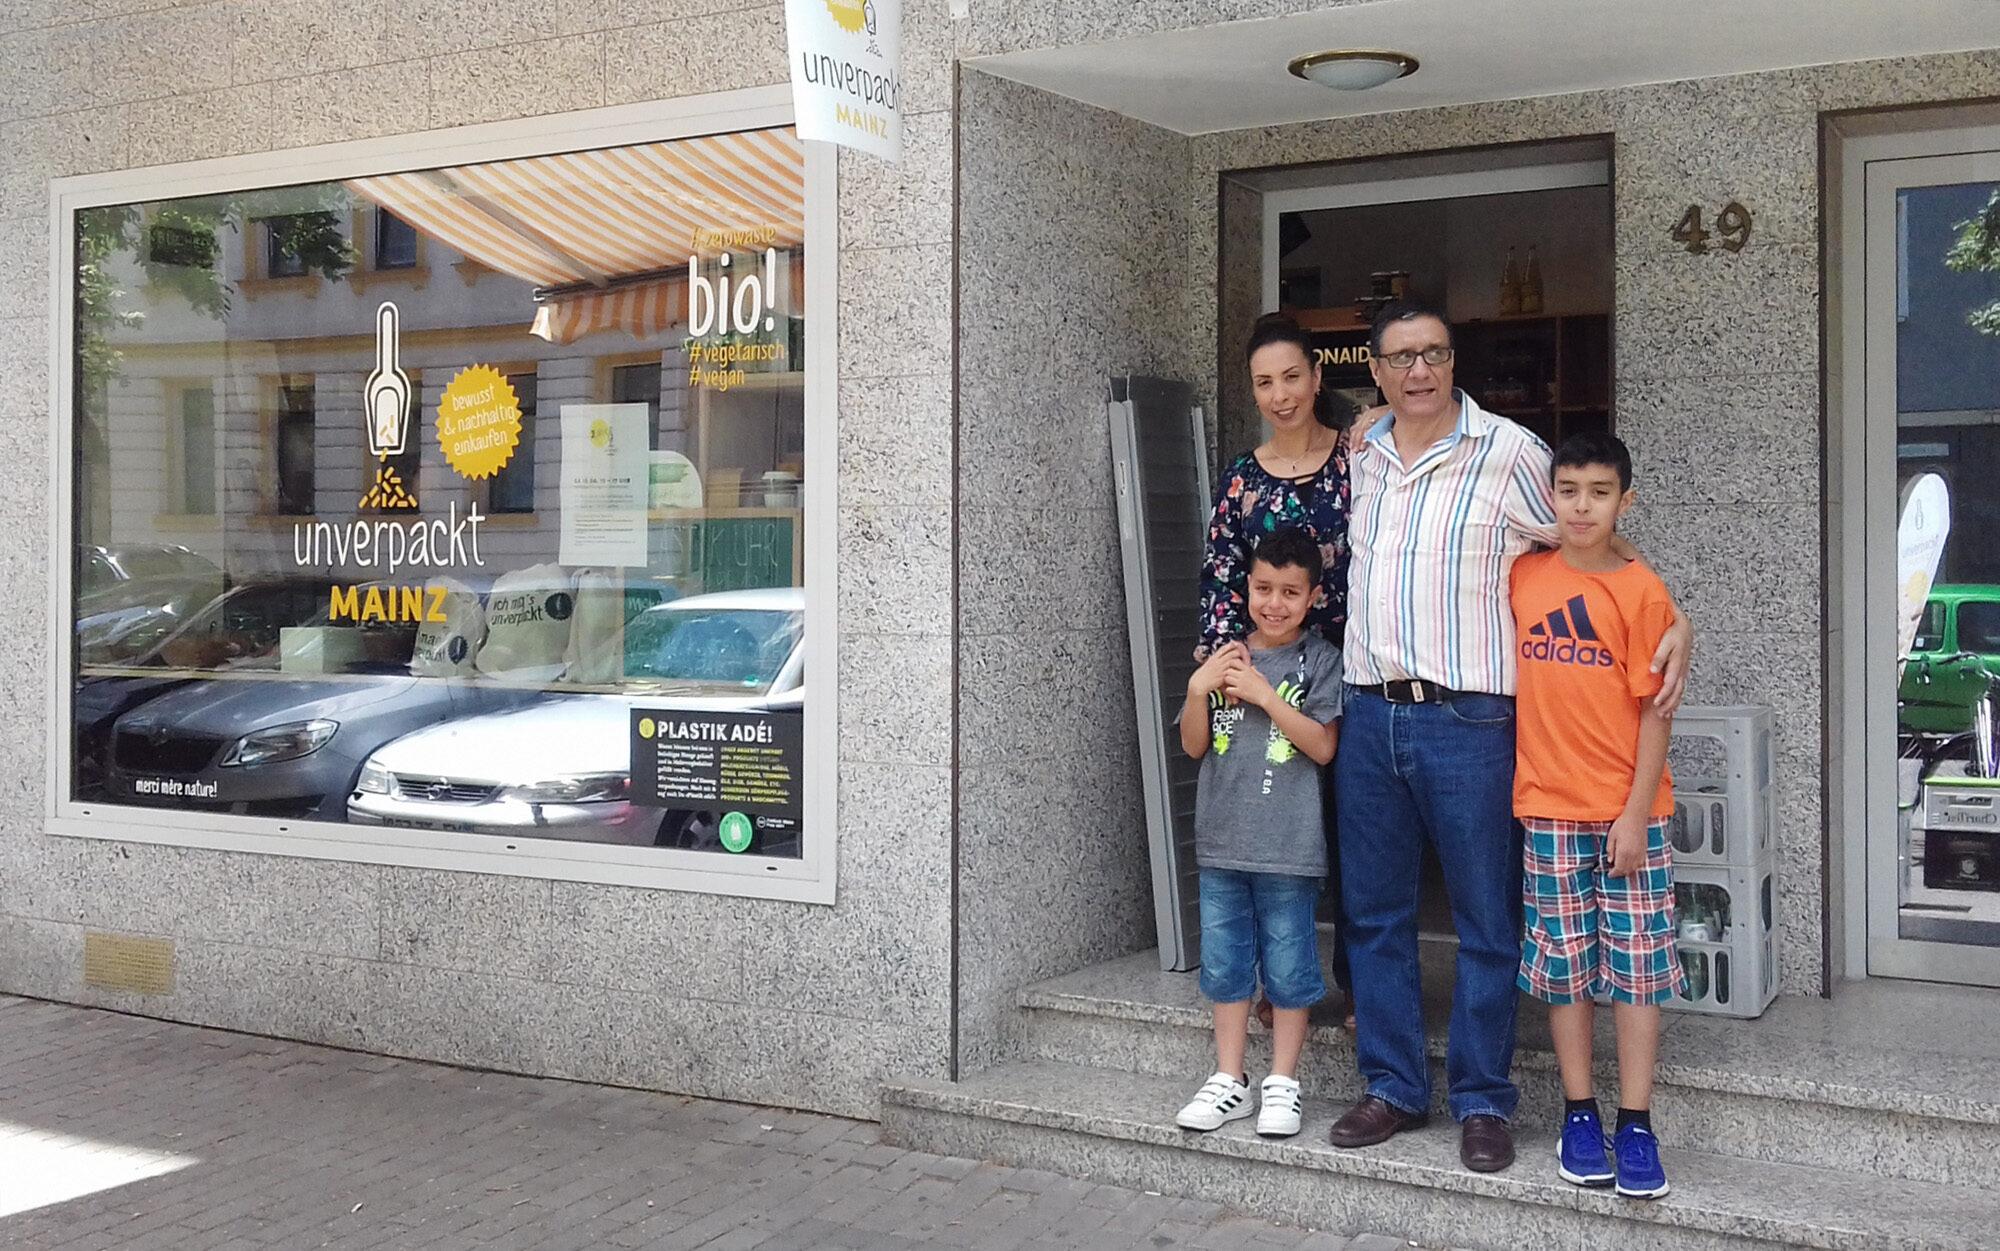 Unverpackt Mainz Inhaber Majid Hamdaoui mit Familie